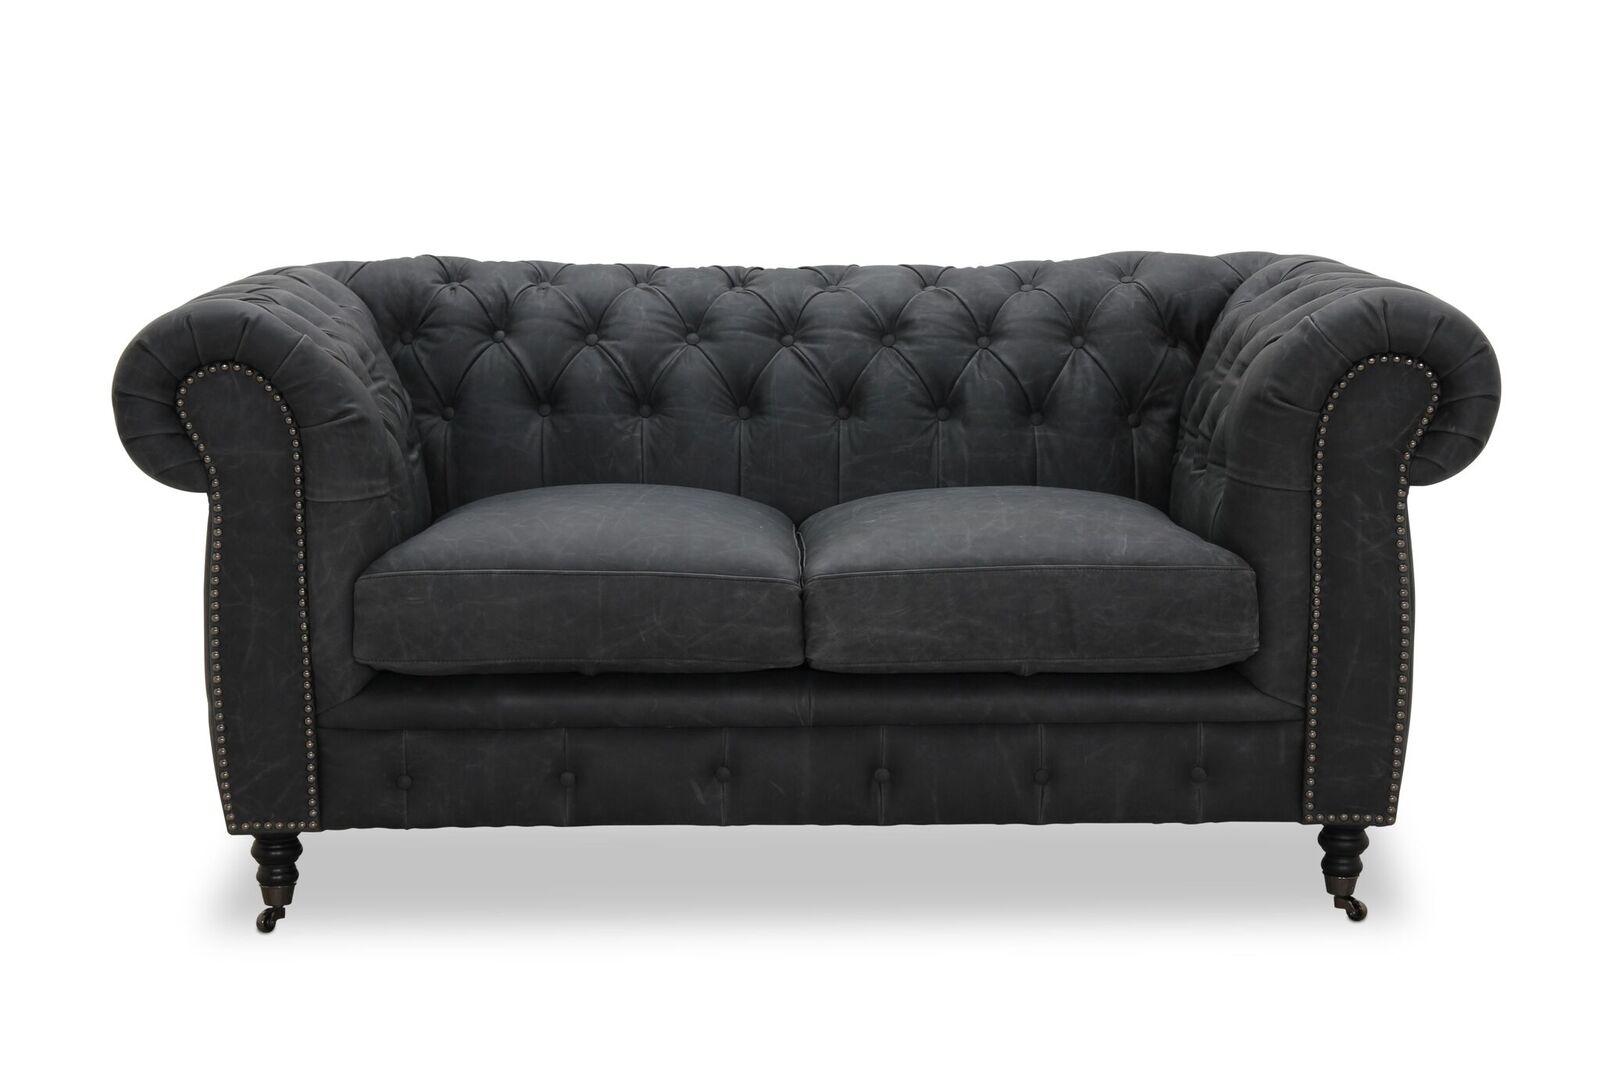 Haga cambridge 2 pers. sofa - sort læder fra haga gruppen fra boboonline.dk